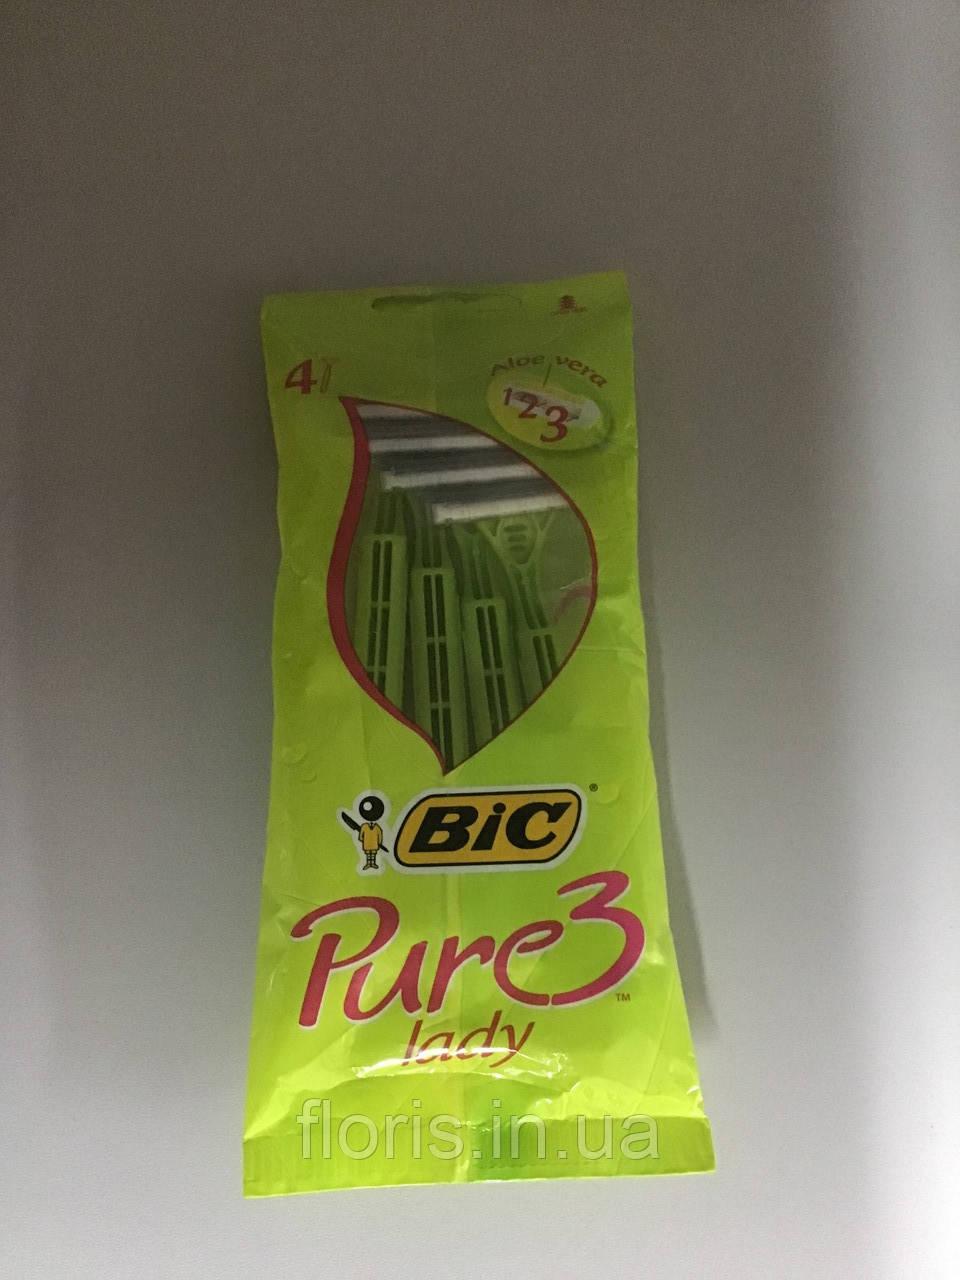 Набор одноразовых бритвенных станков Bic Pure 3 Lady 4шт. в упаковке